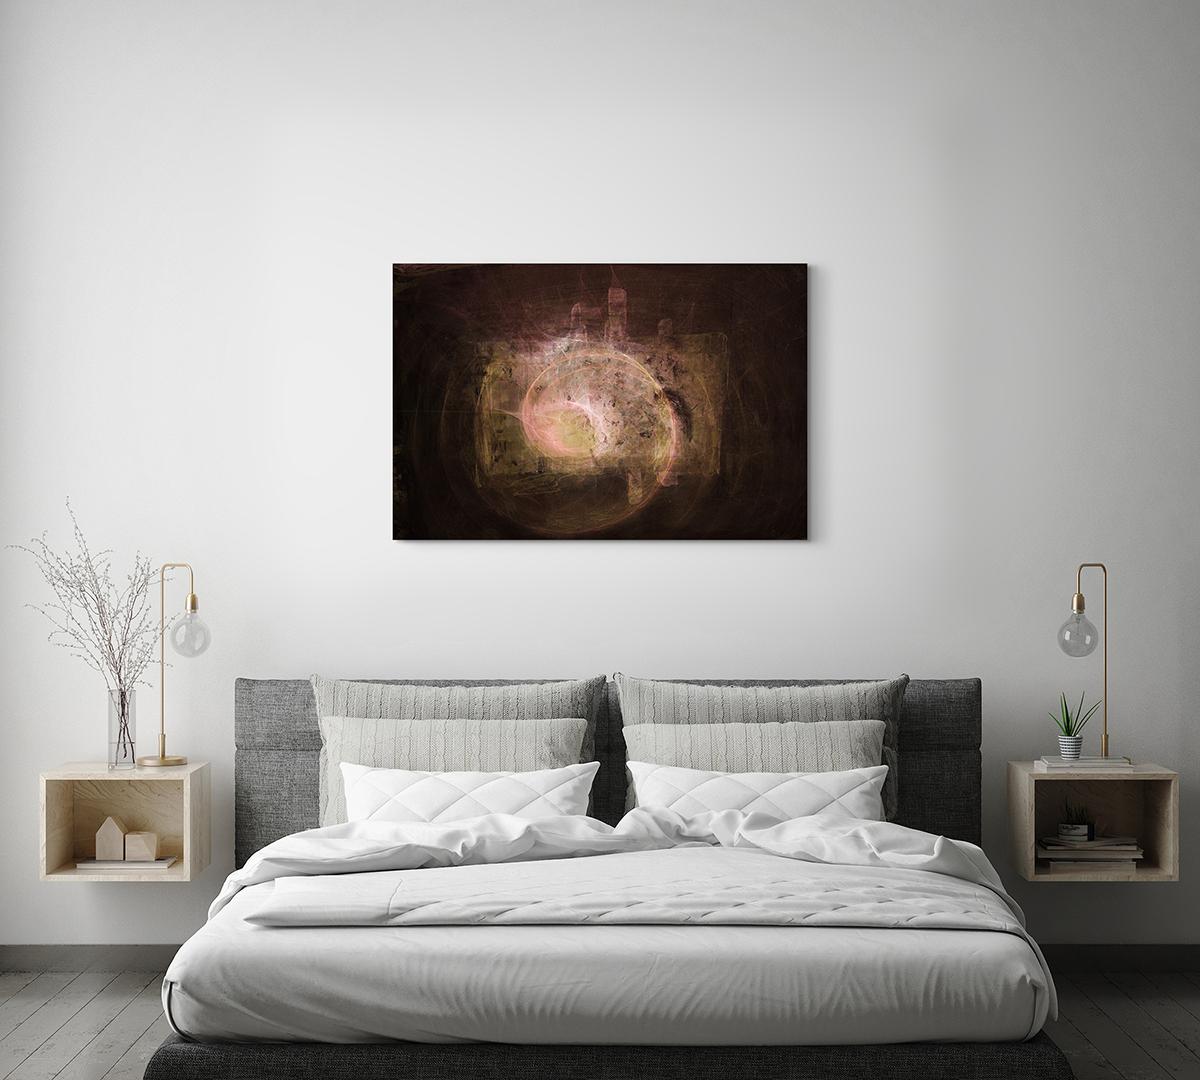 Schwarzes Loch Leinwandbild abstrakt